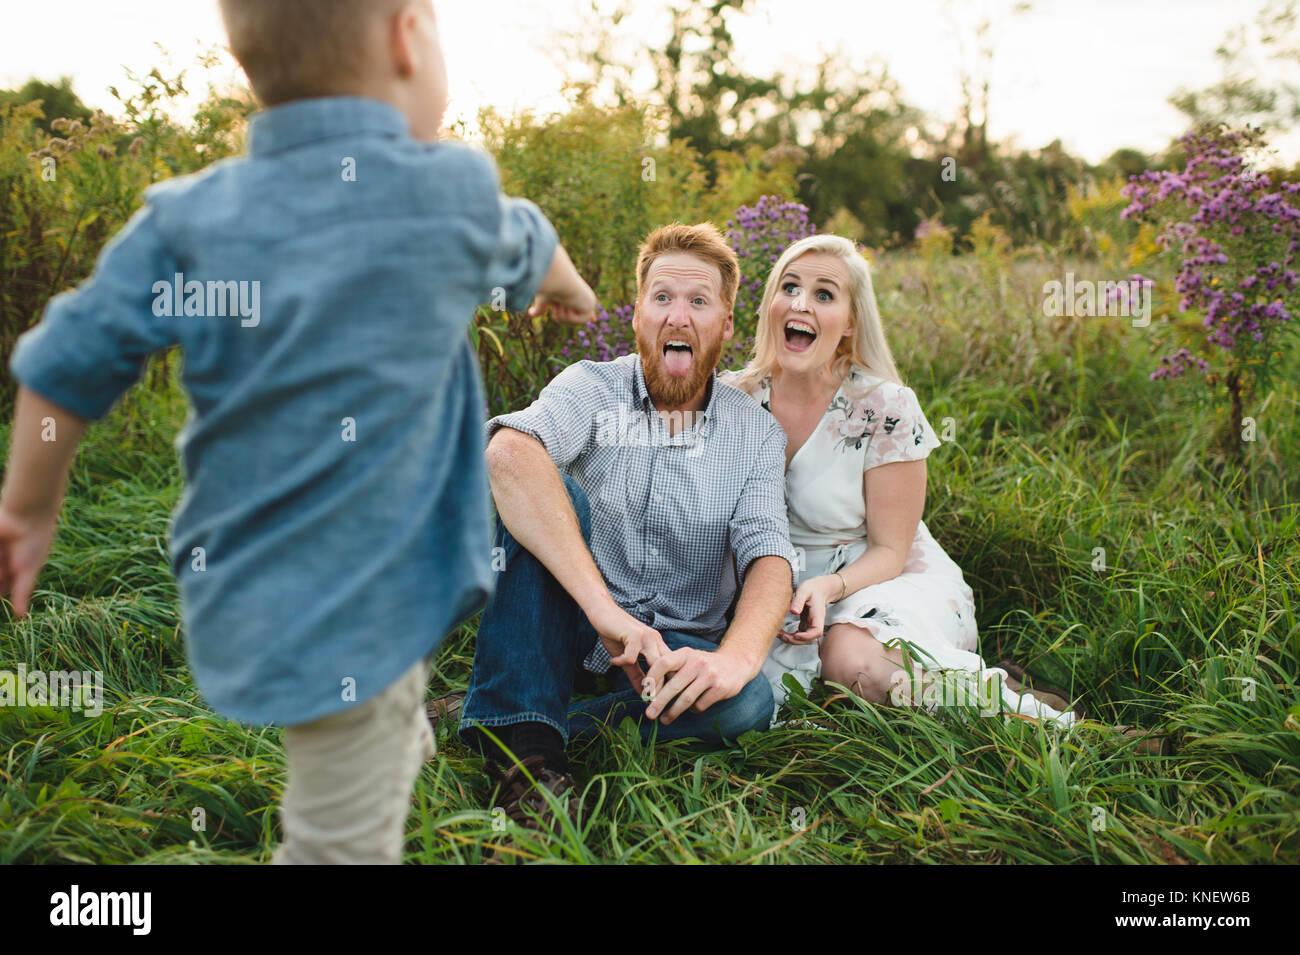 Chico sorprendente padres sentados en el pasto alto Imagen De Stock